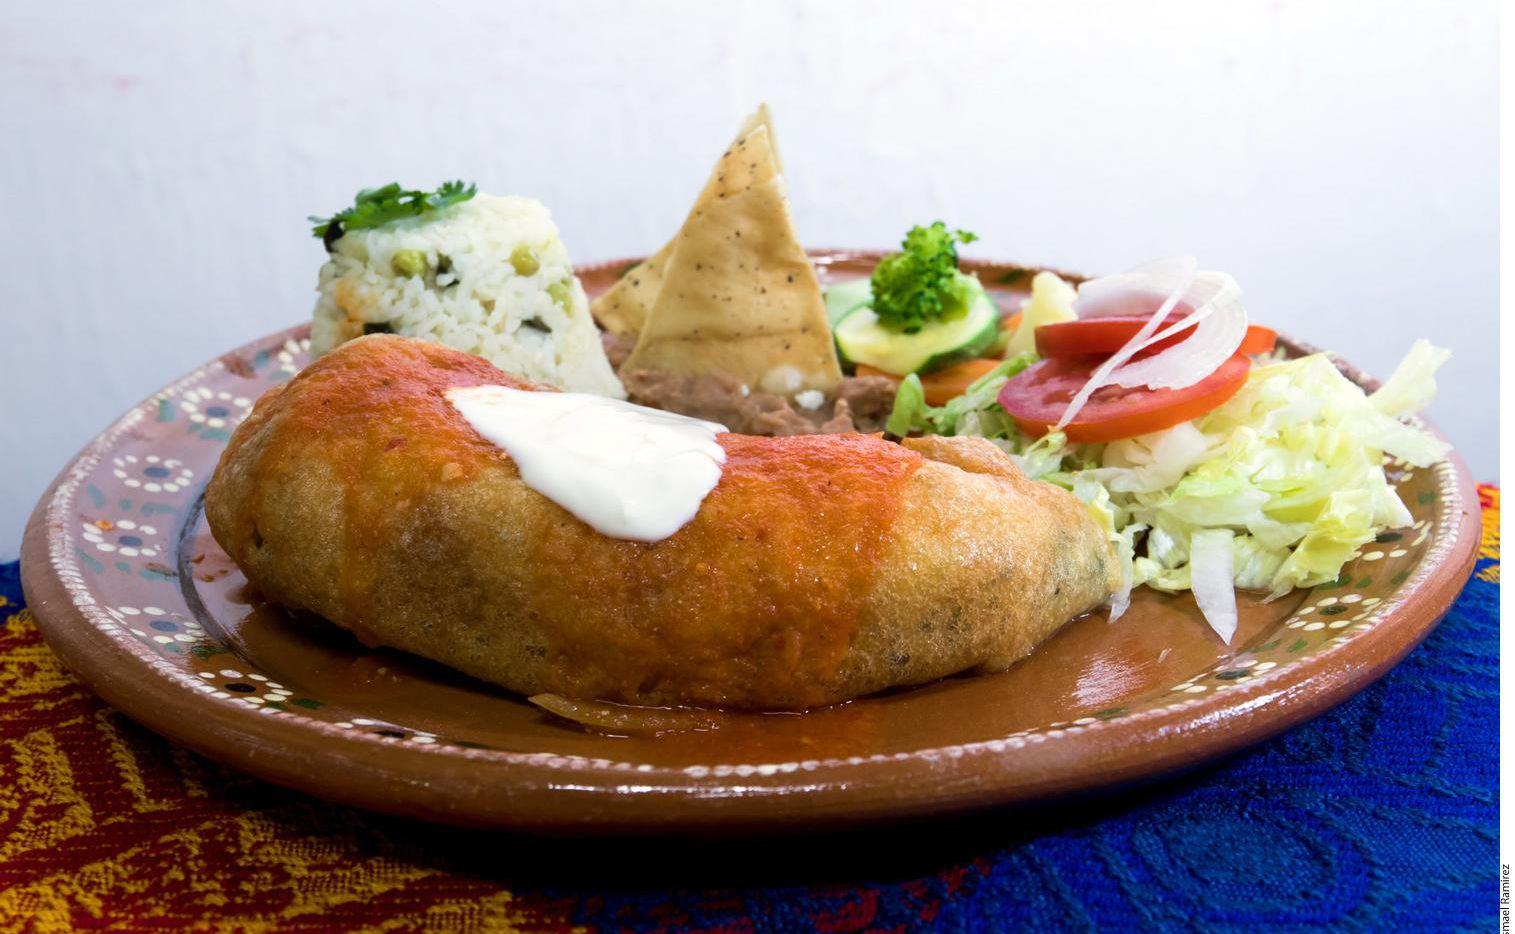 Presentación de los chiles rellenos de queso acompañados de ensalada de lechuga, frijoles y arroz.(AGENCIA REFORMA)